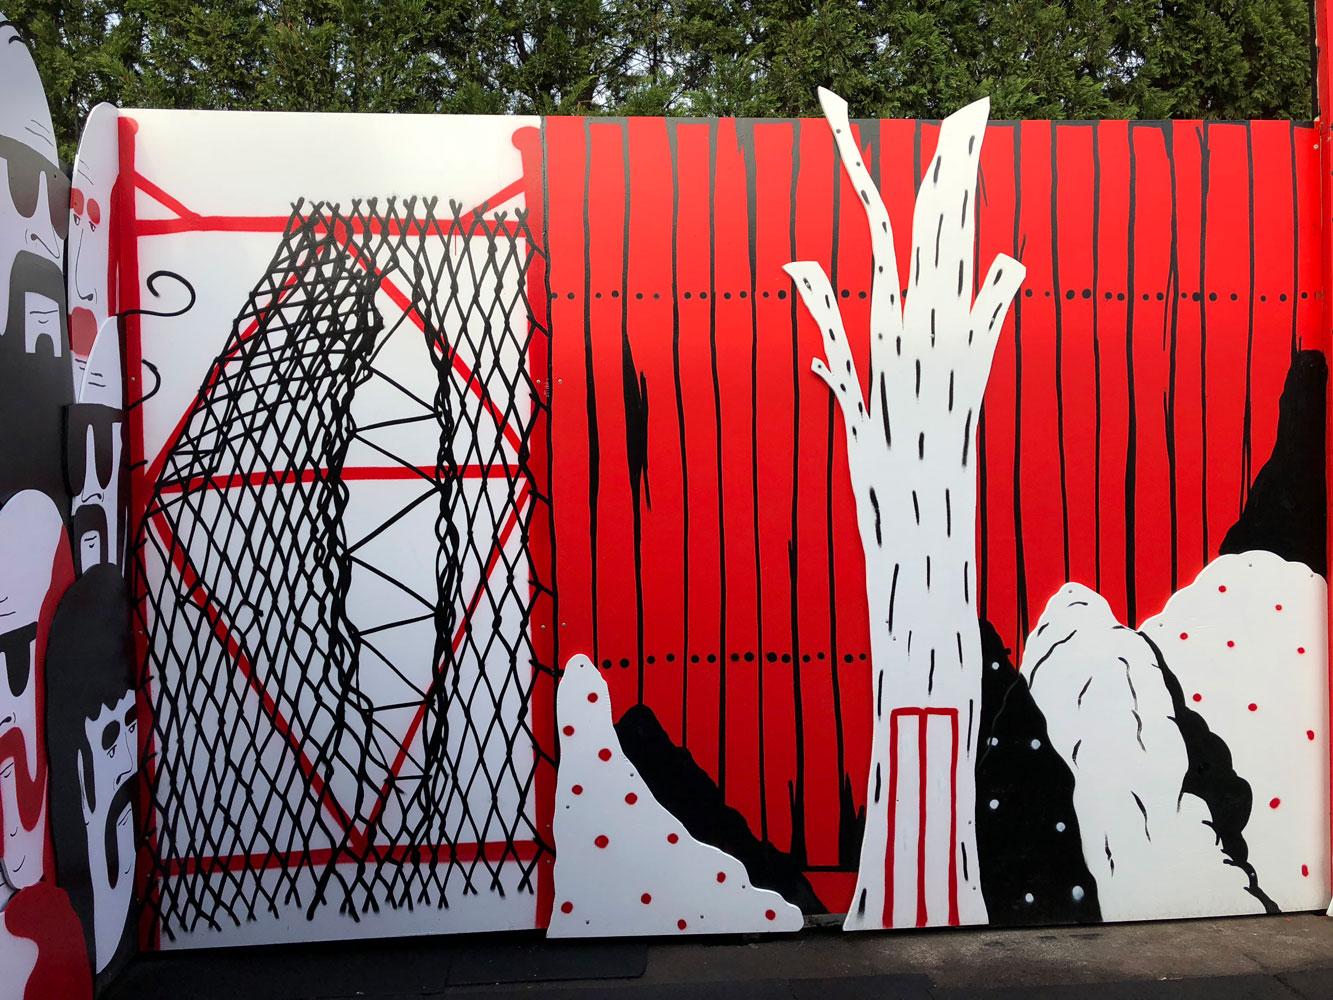 tom-gerrard-artist-attica-7.jpg